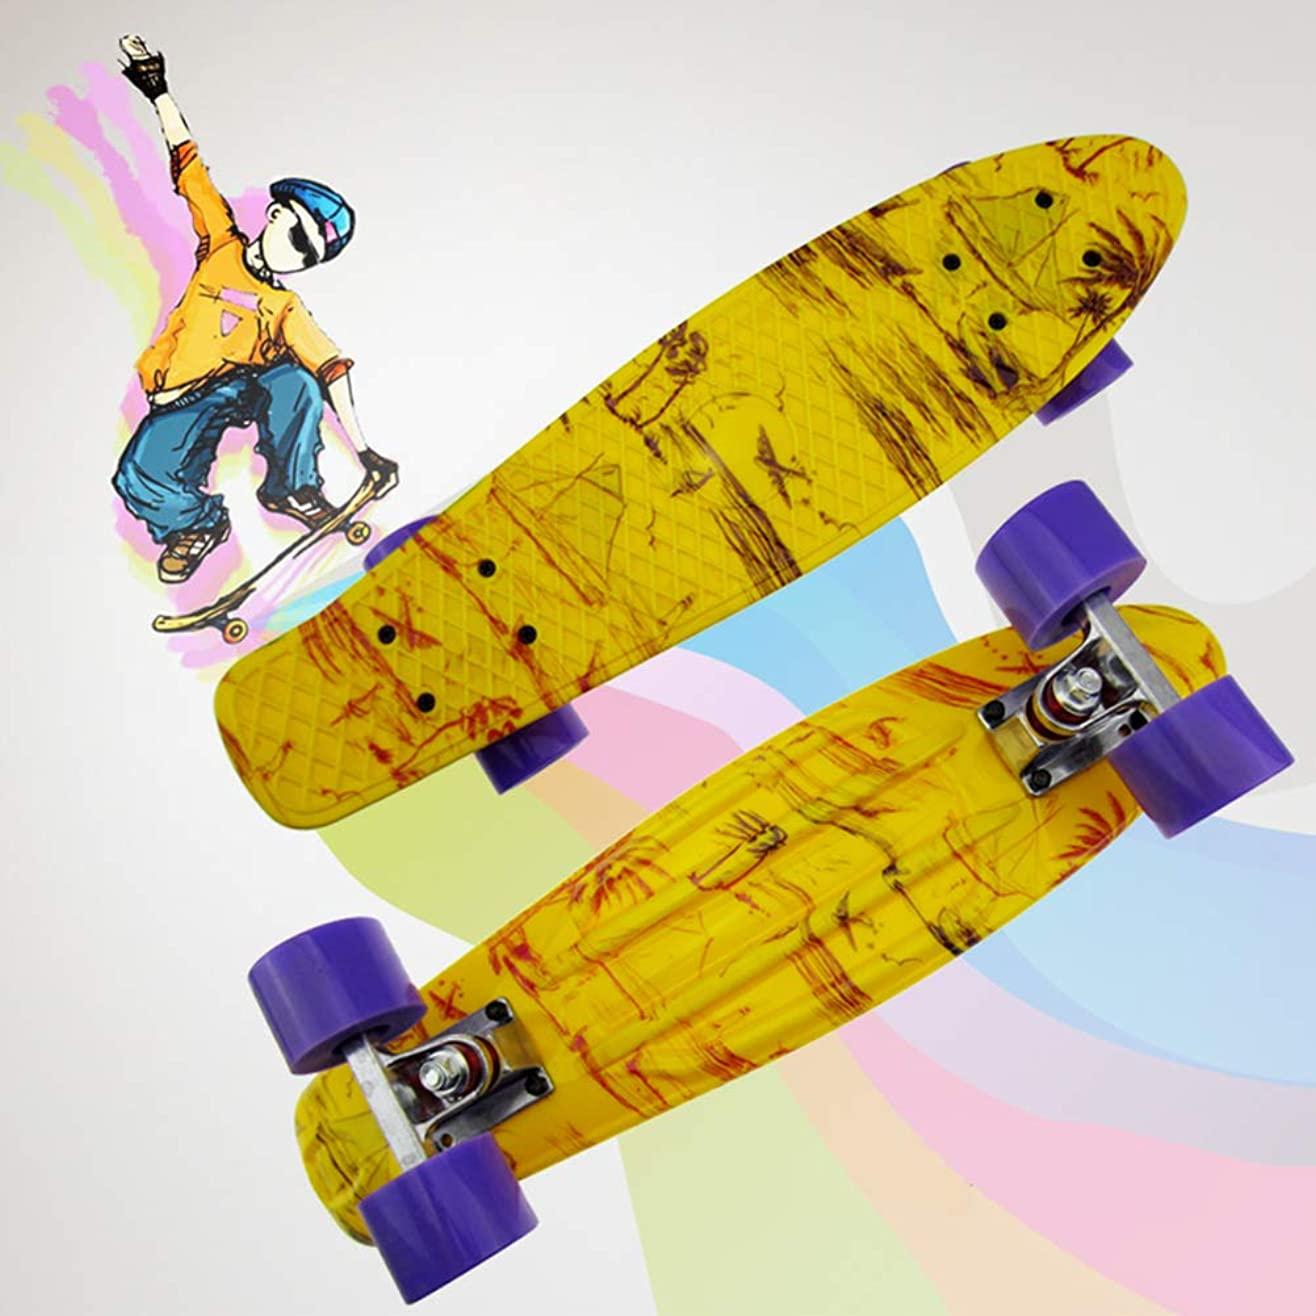 結婚変形する定義するレトロコンプリートクルーザースケートボード22インチ、4輪スケートボード、初心者向け,白